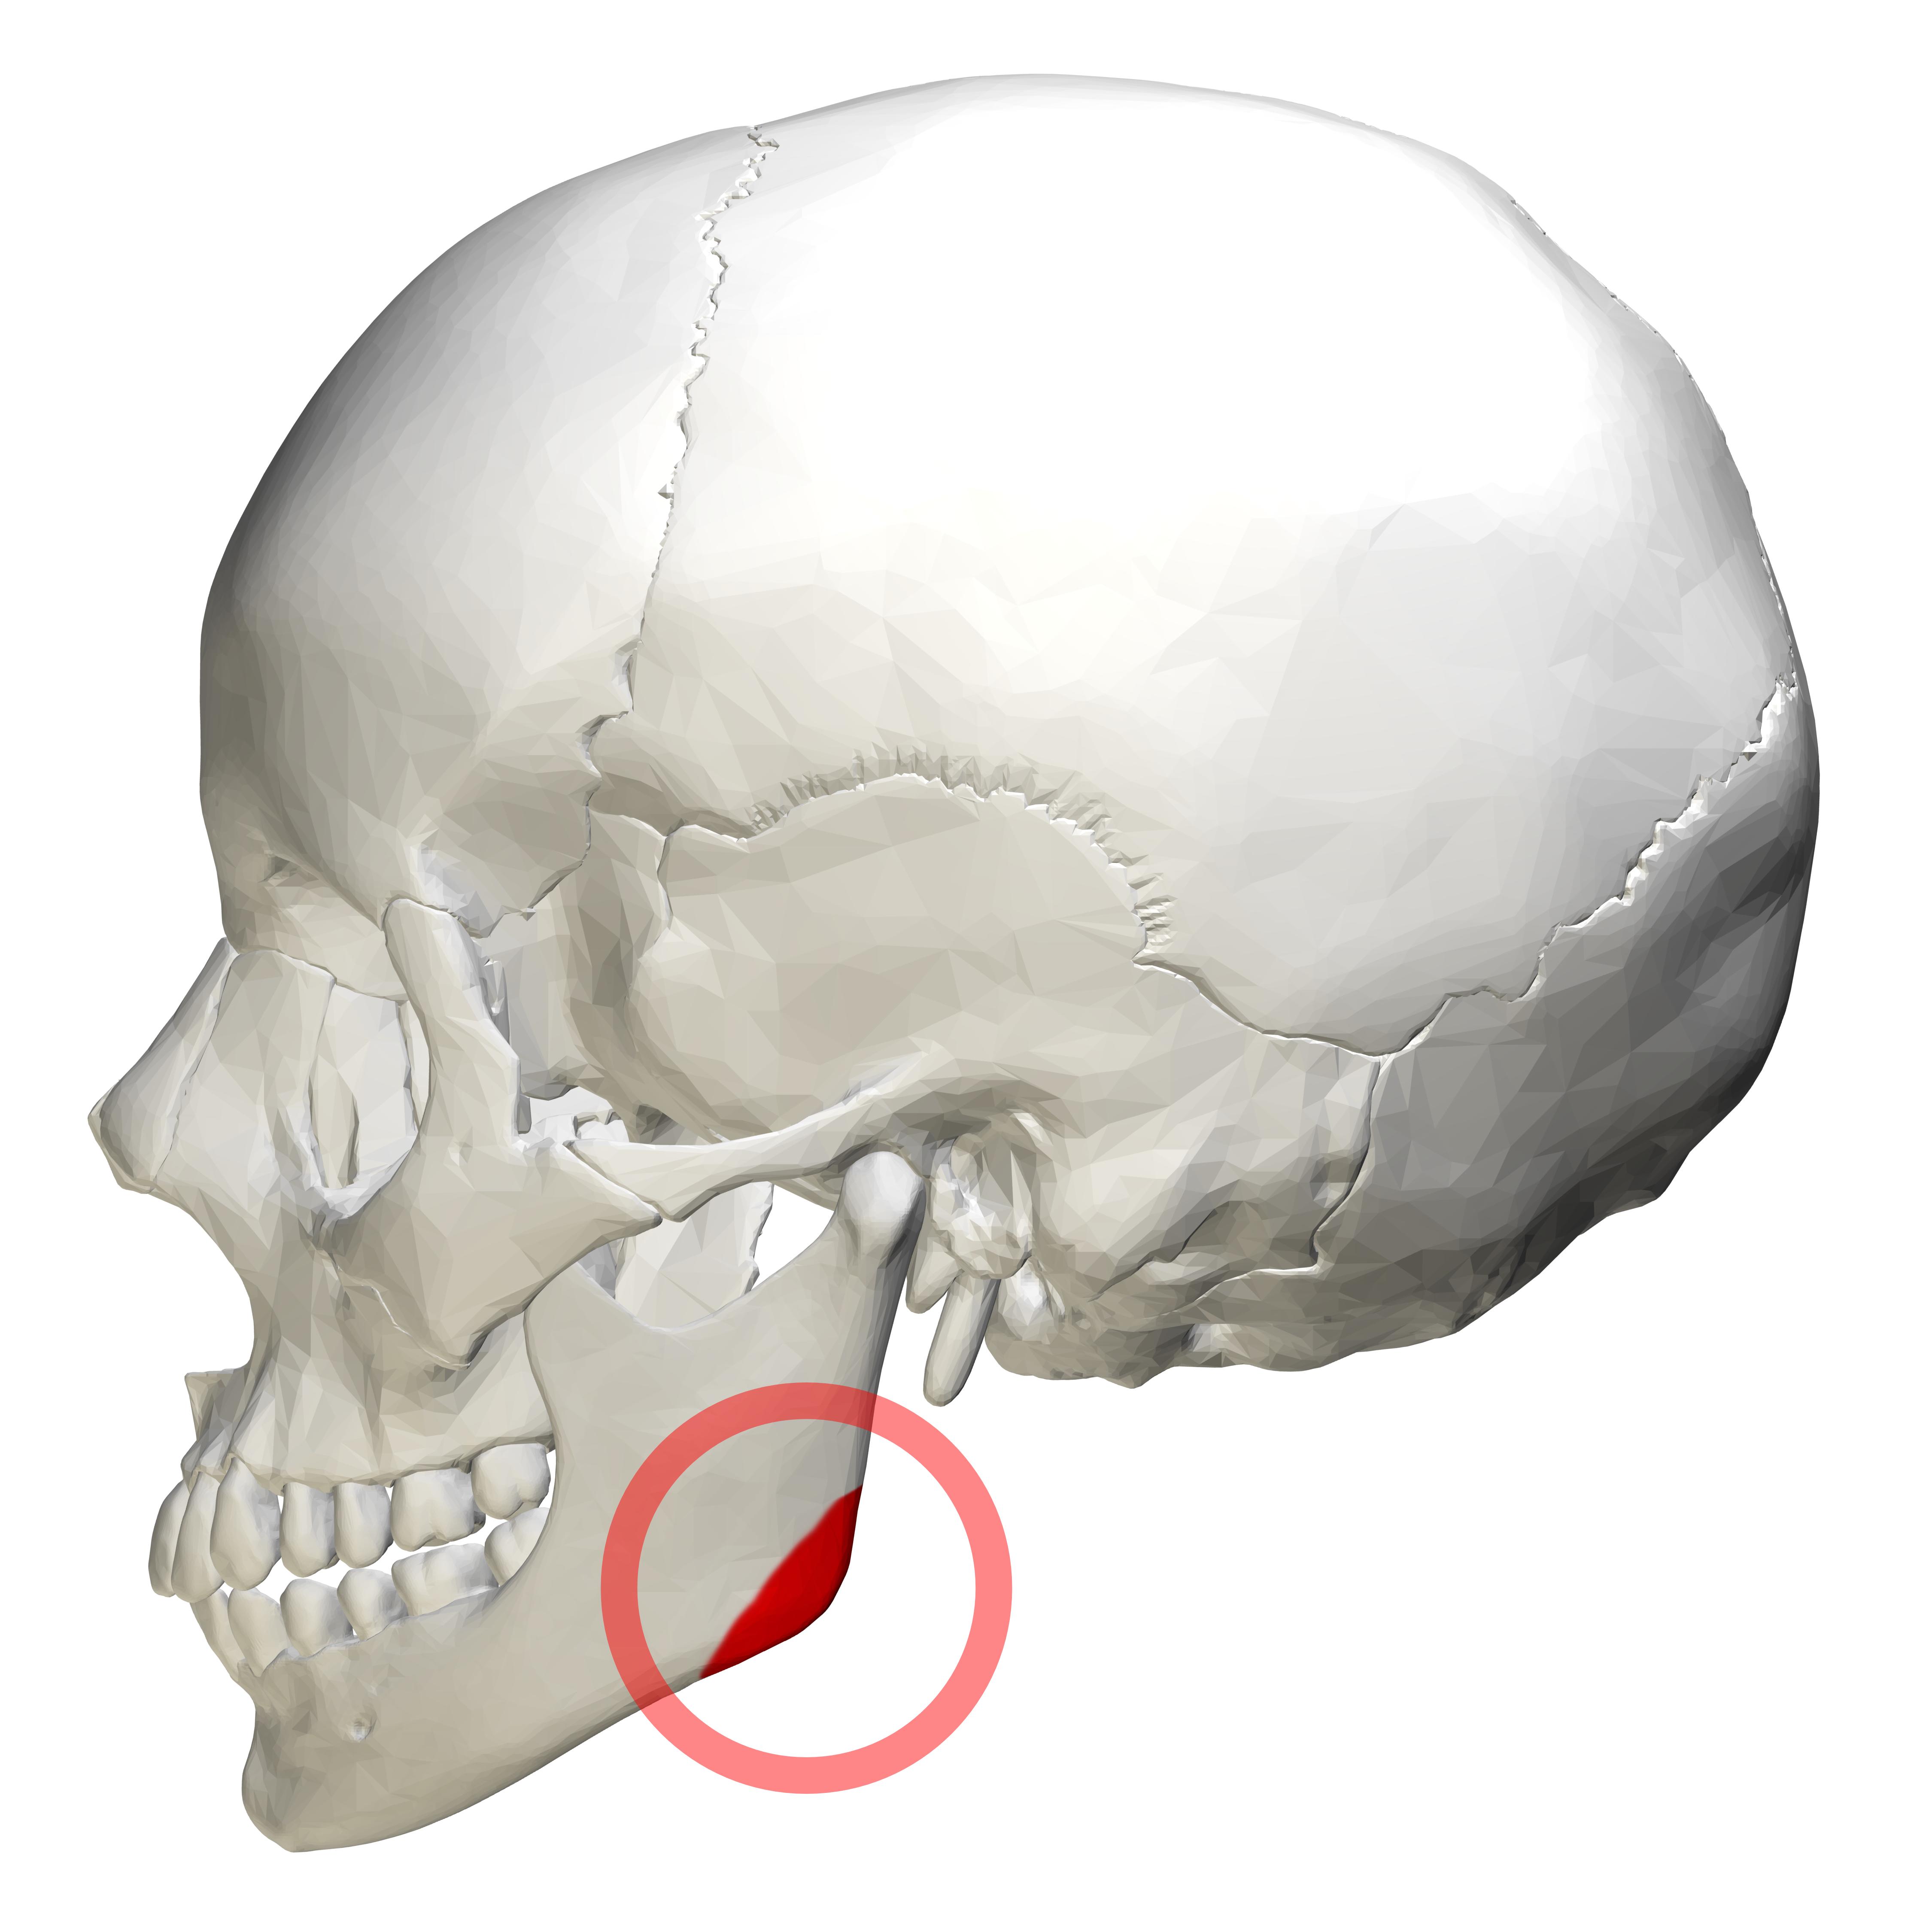 Mandibular Angle Lateral View1g